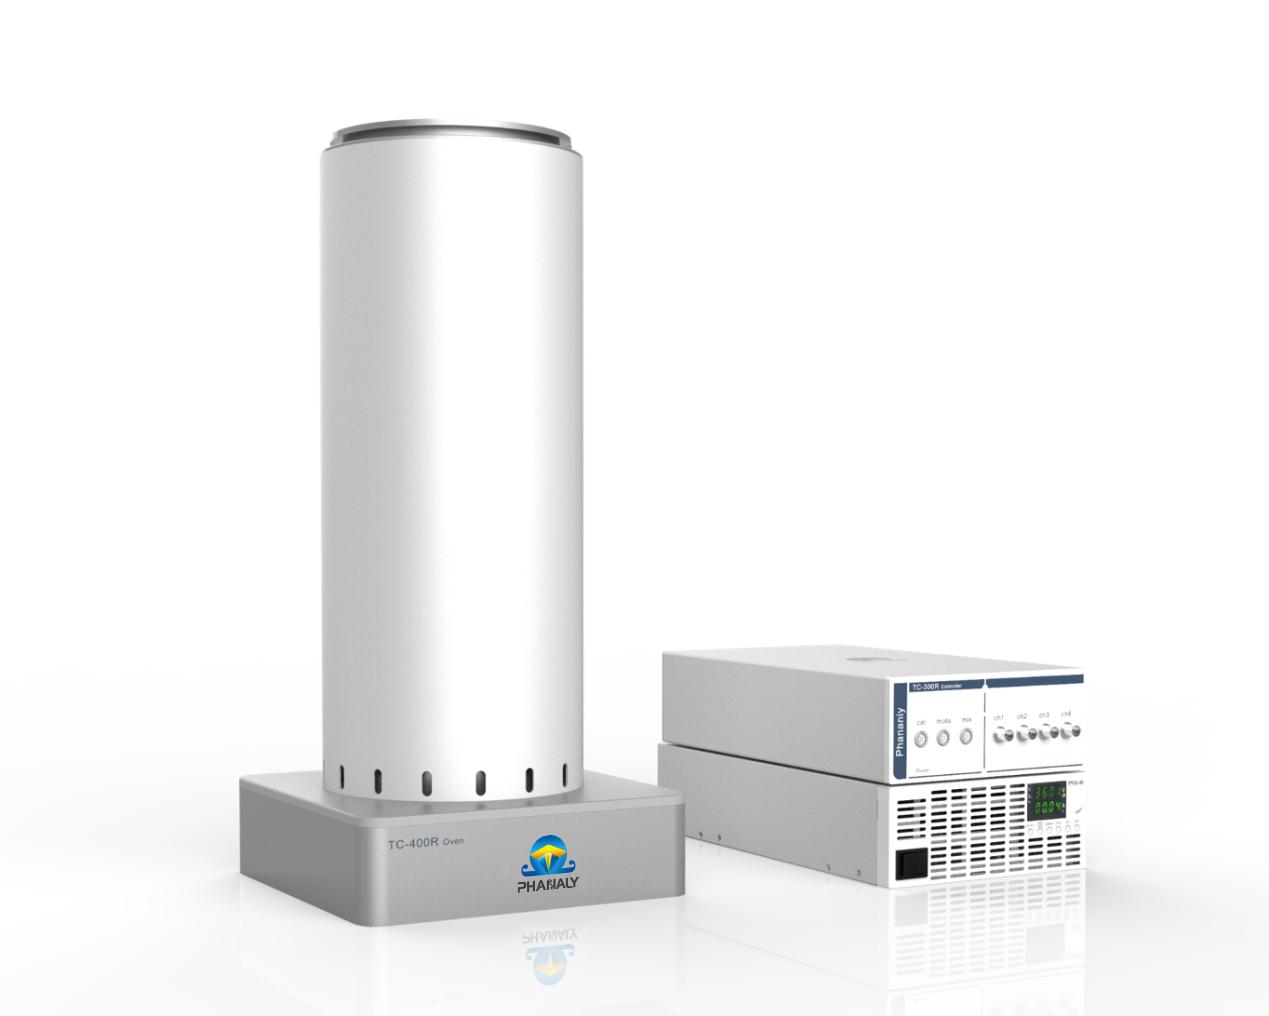 热分析仪器行业logo设计_3034145_k68威客网